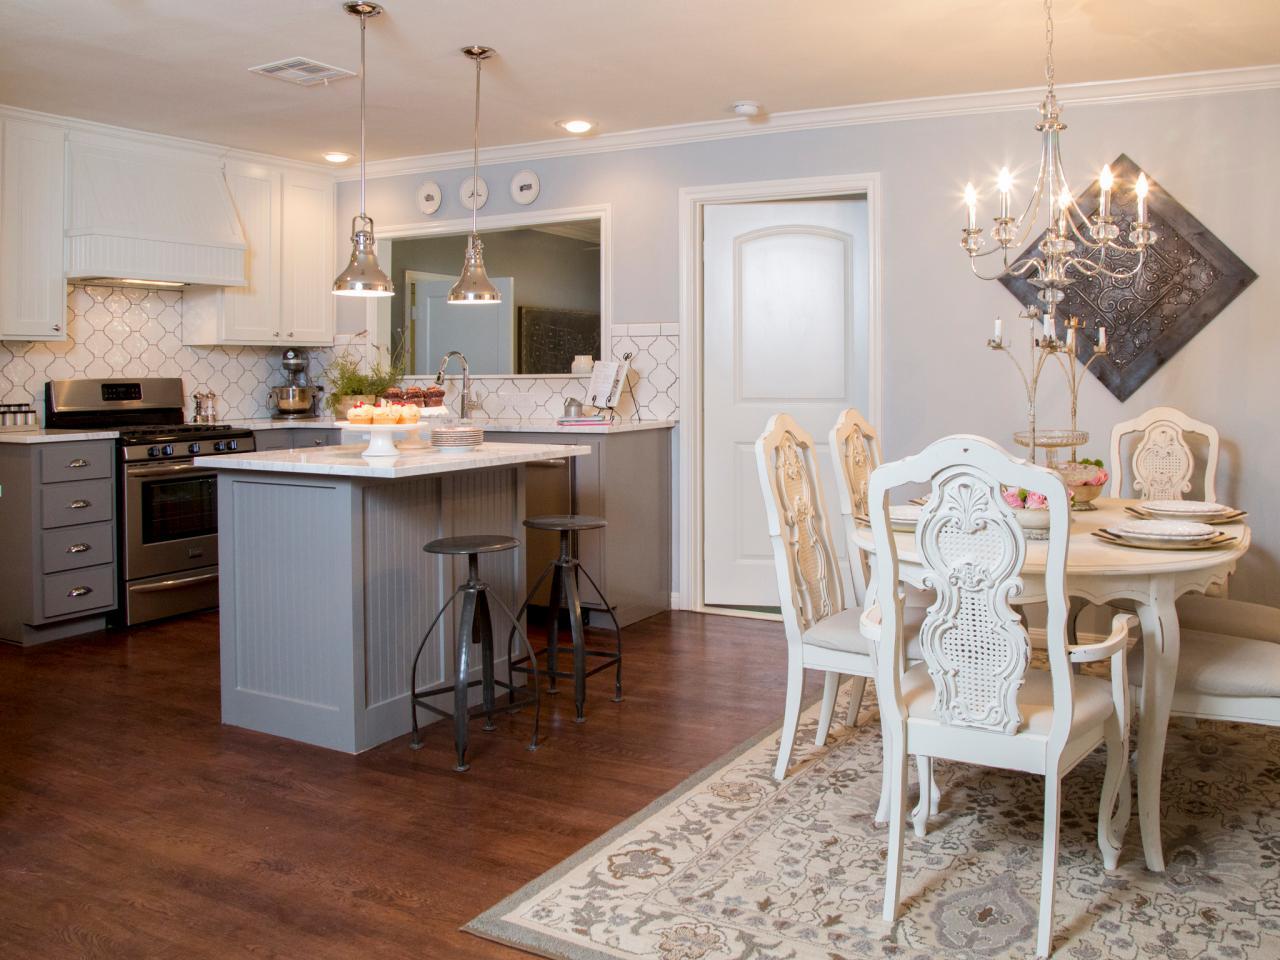 thiết kế phòng khách và bếp chung2